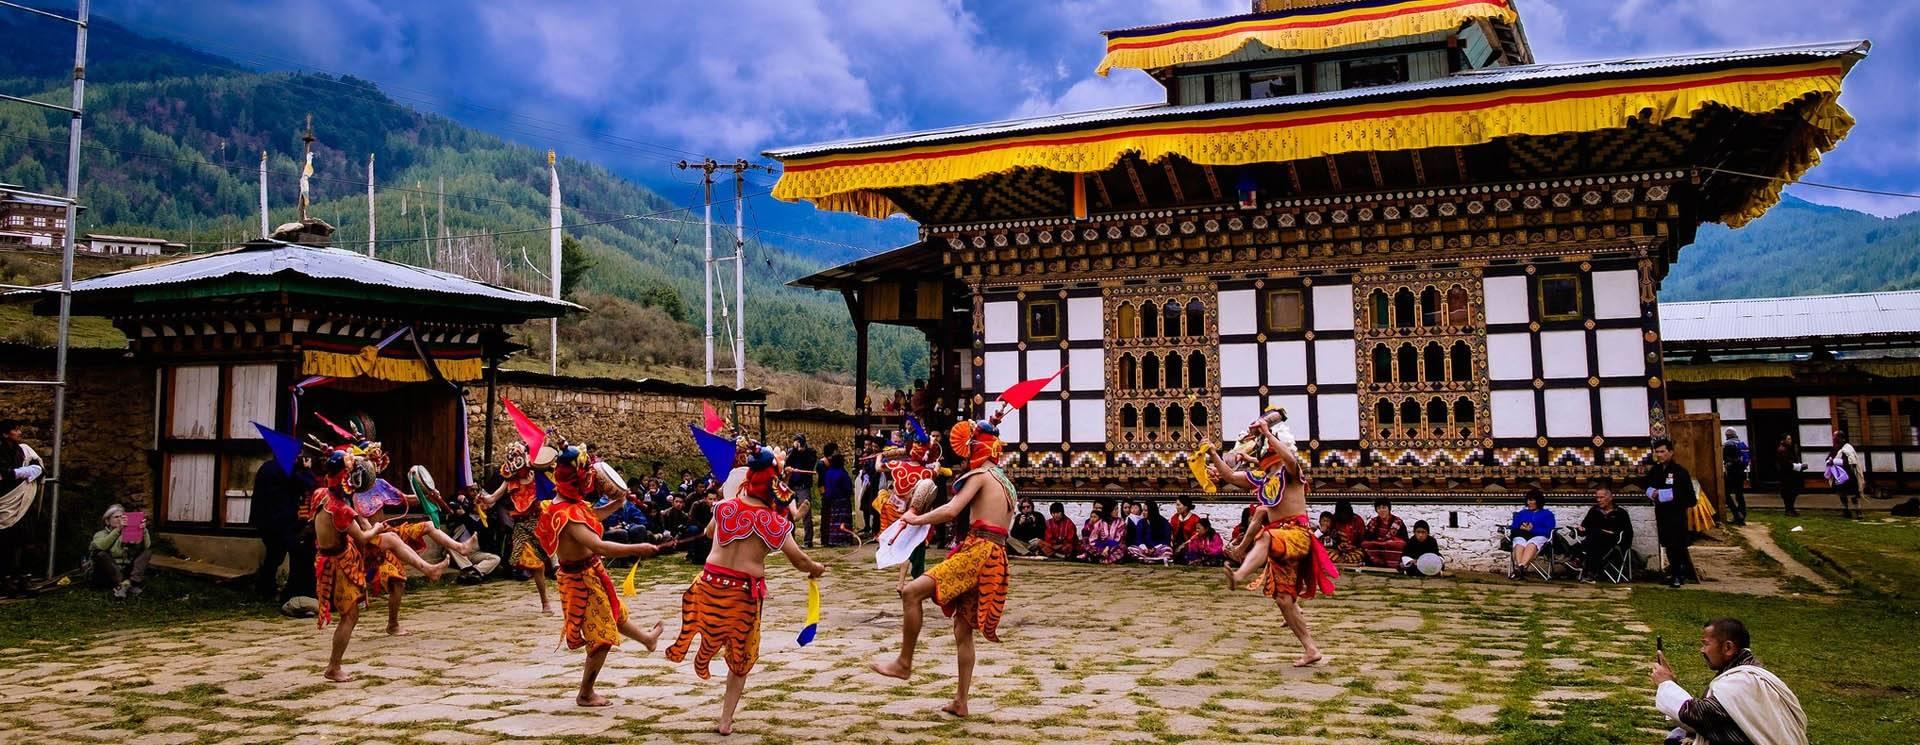 南亚旅游定制